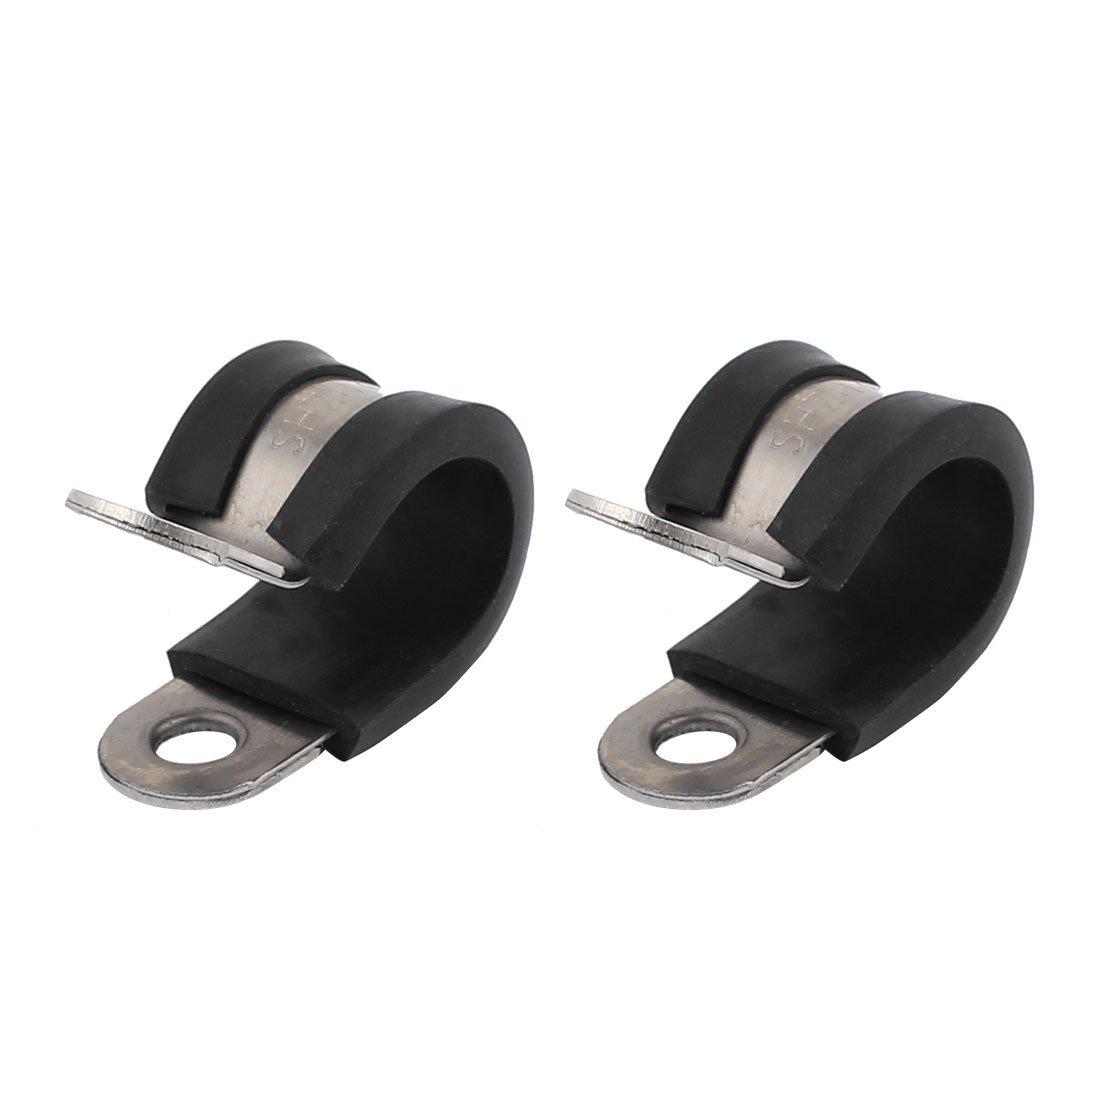 sourcingmap 2pcs de 14mm de diá metro Abrazaderas de cable de tubo revestidas de goma con forma de R tubo de acero inoxidable a17010900ux1013